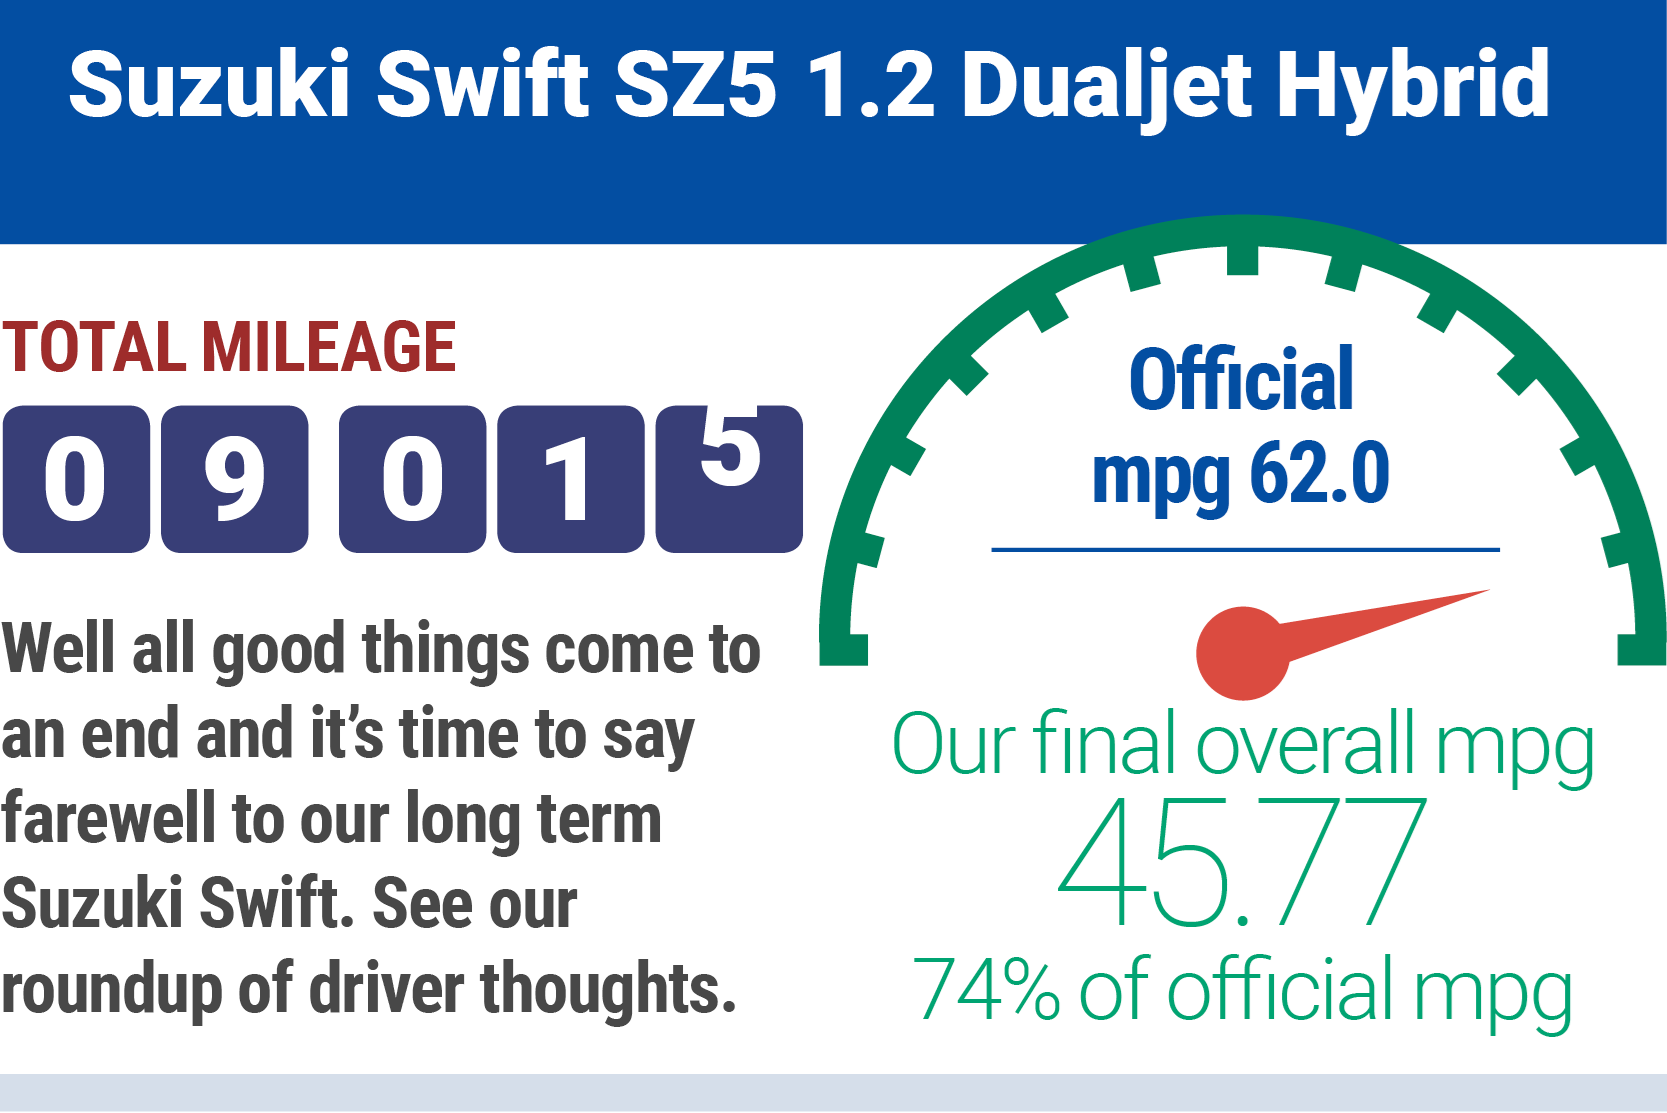 Suzuki Swift infographic